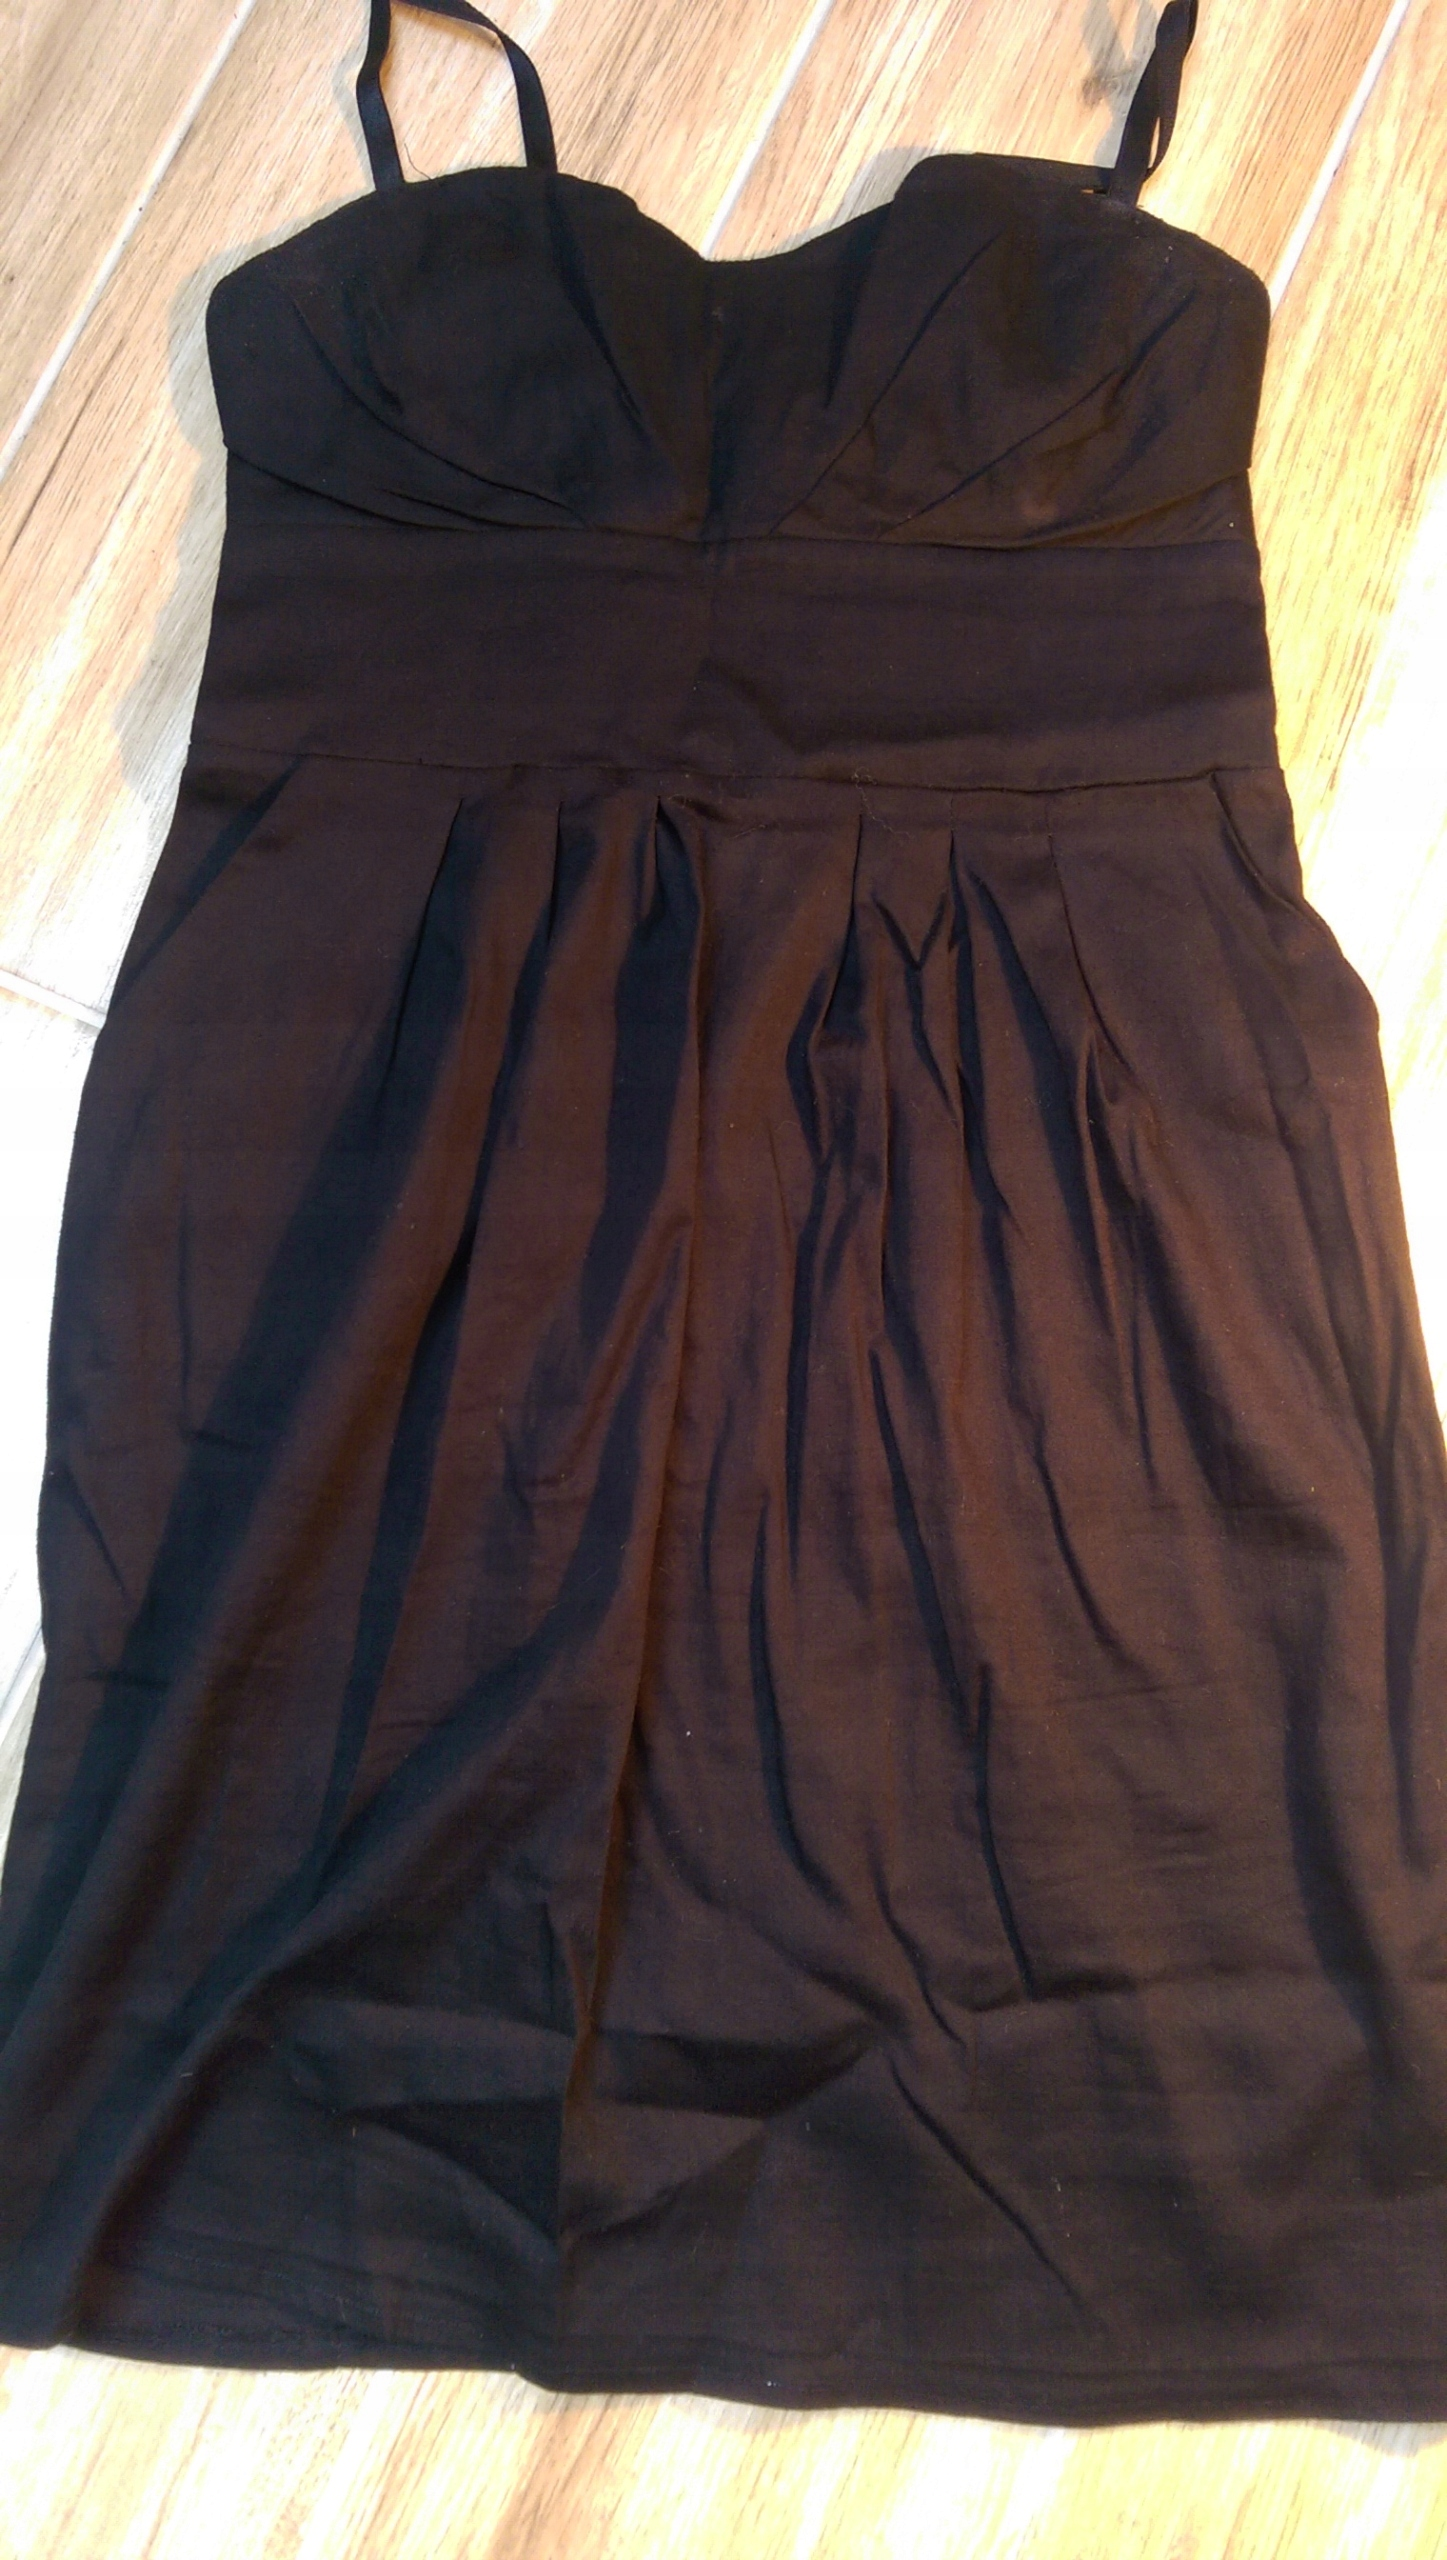 213c3bb427 Sukienka czarna bombka roz 36 - 7603553374 - oficjalne archiwum allegro